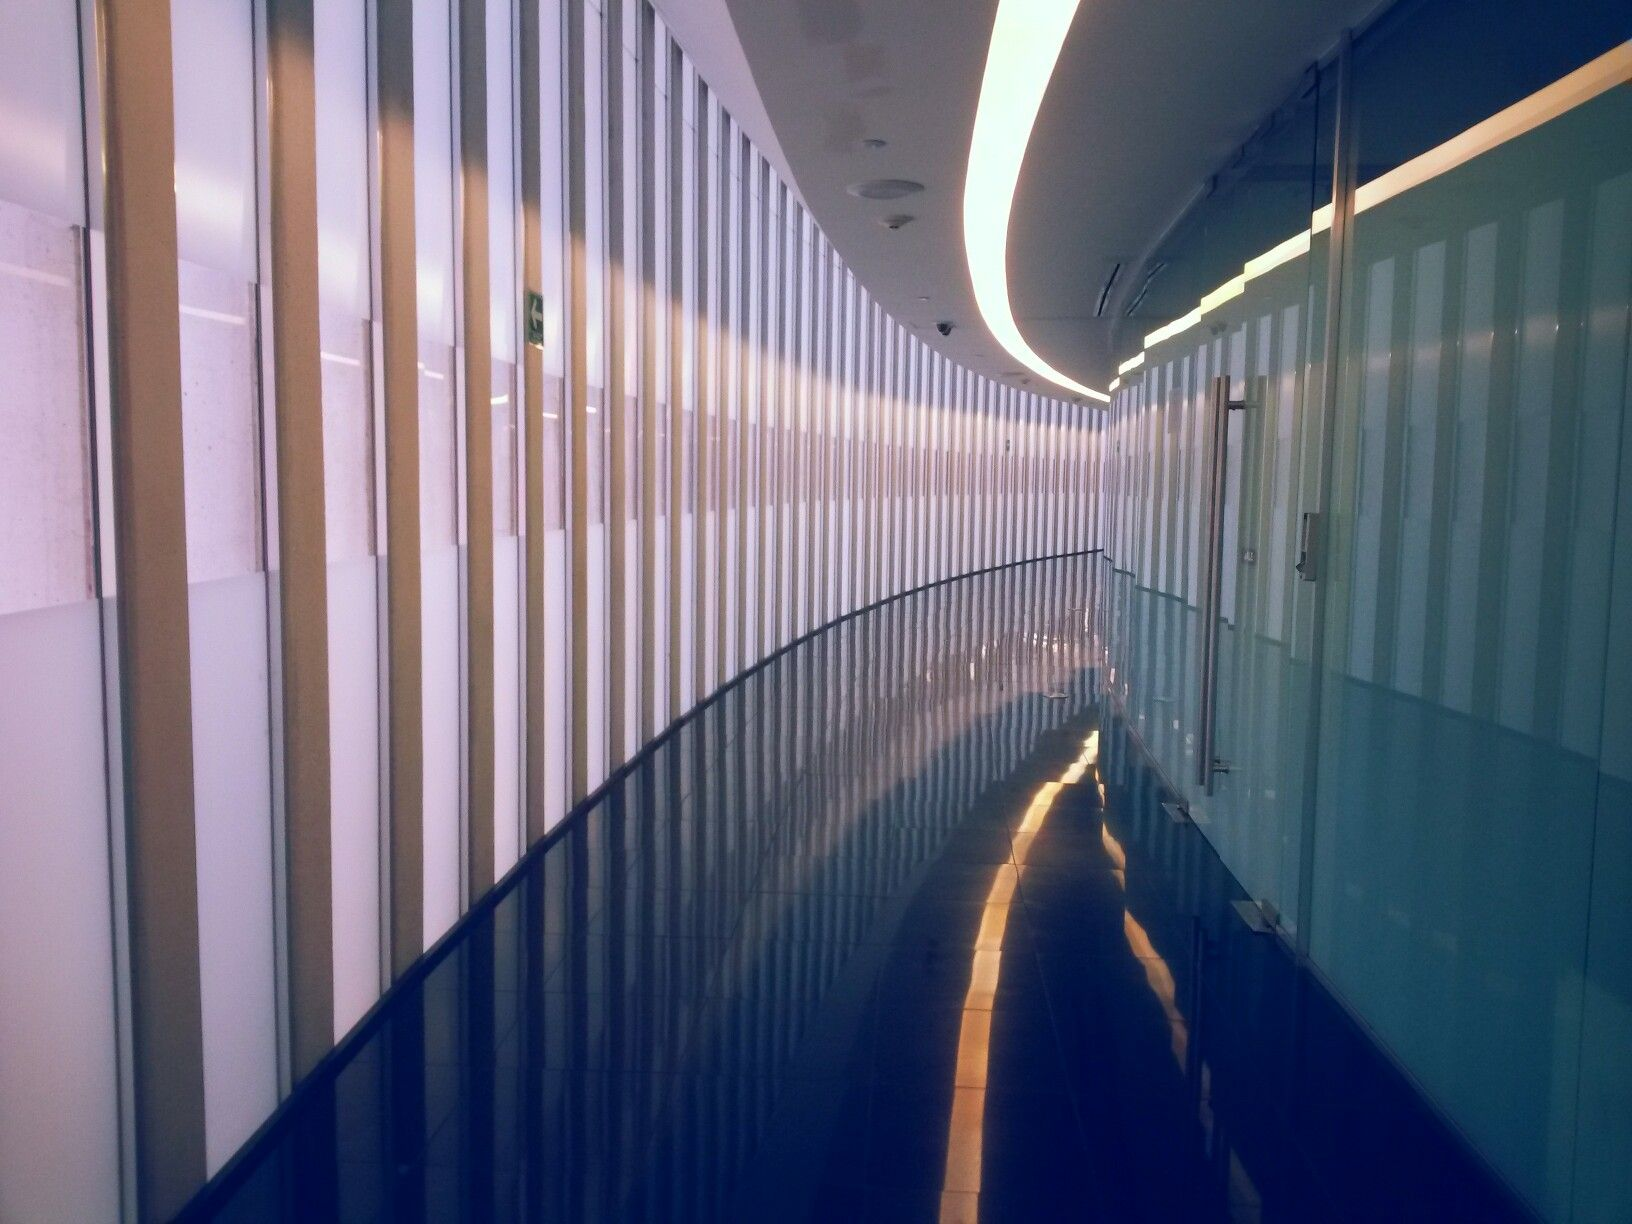 Senado de la República #Arquitectura #CDMX #DF